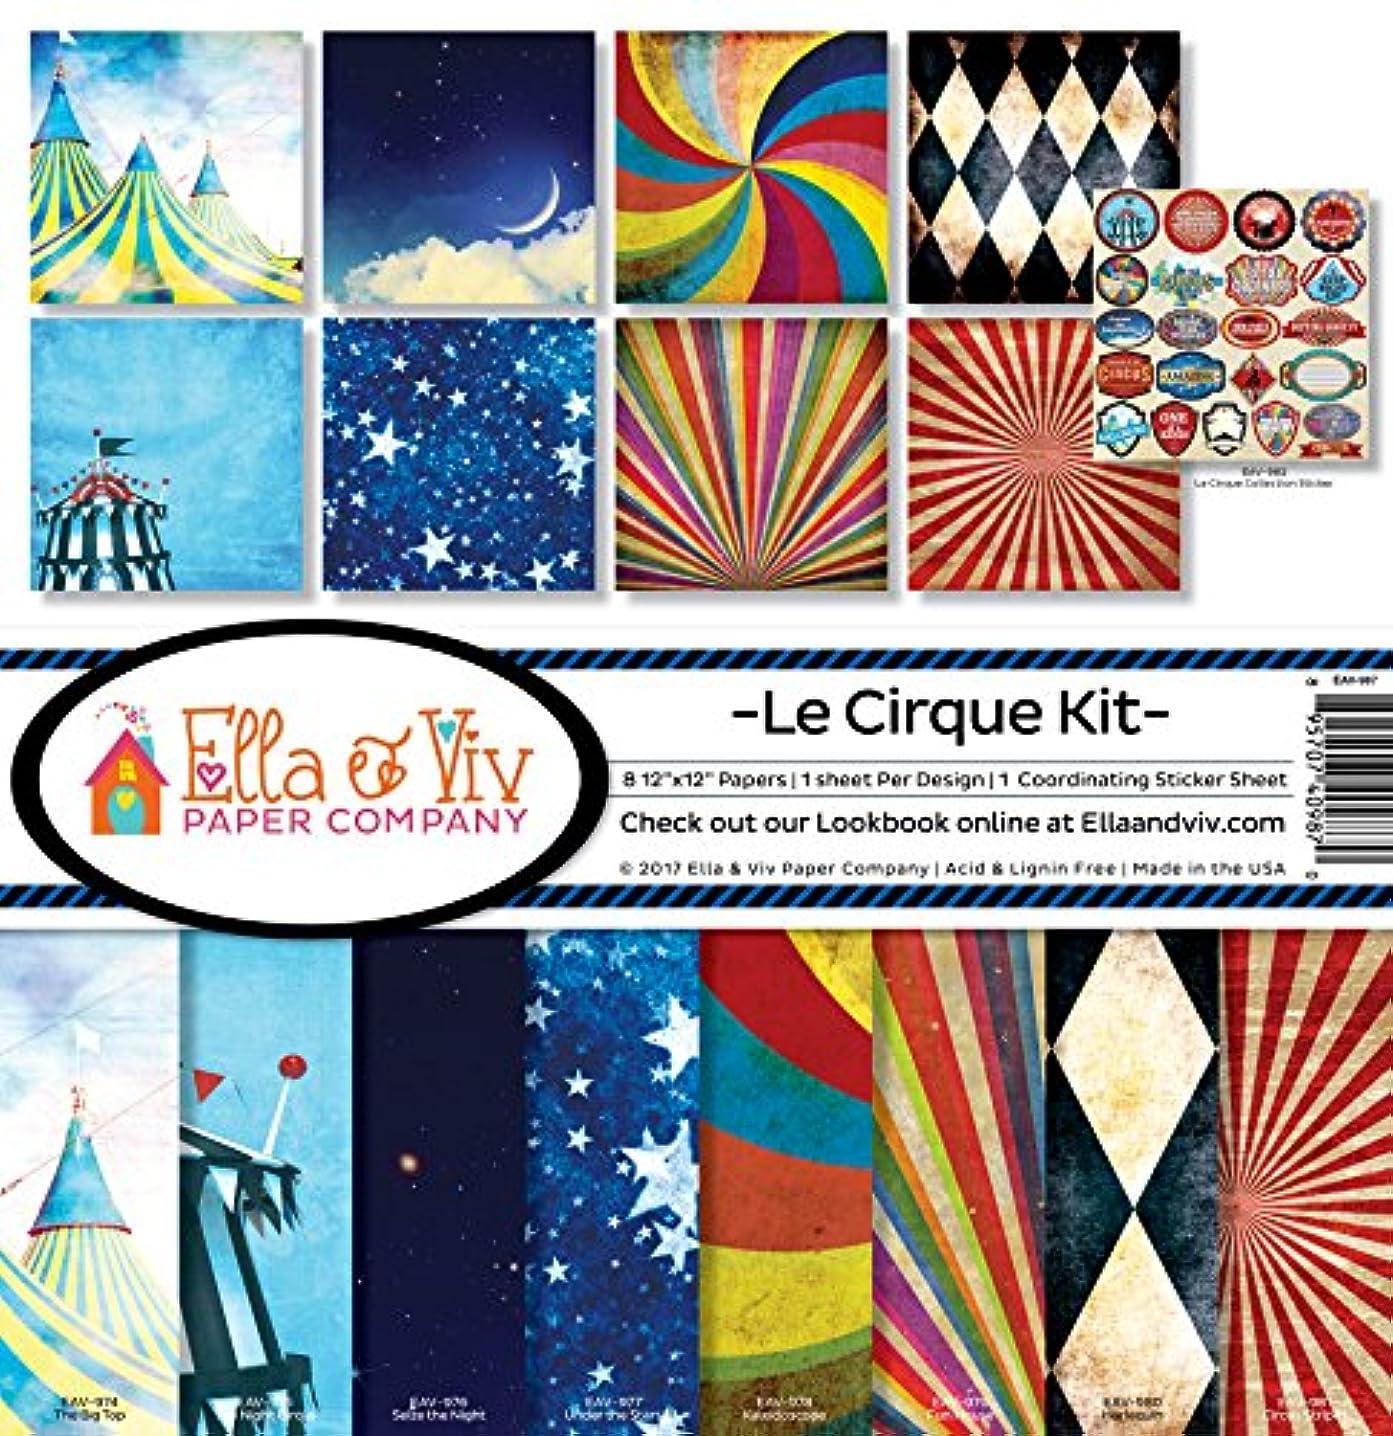 Ella & Viv by Reminisce Le Cirque Scrapbook Collection Kit